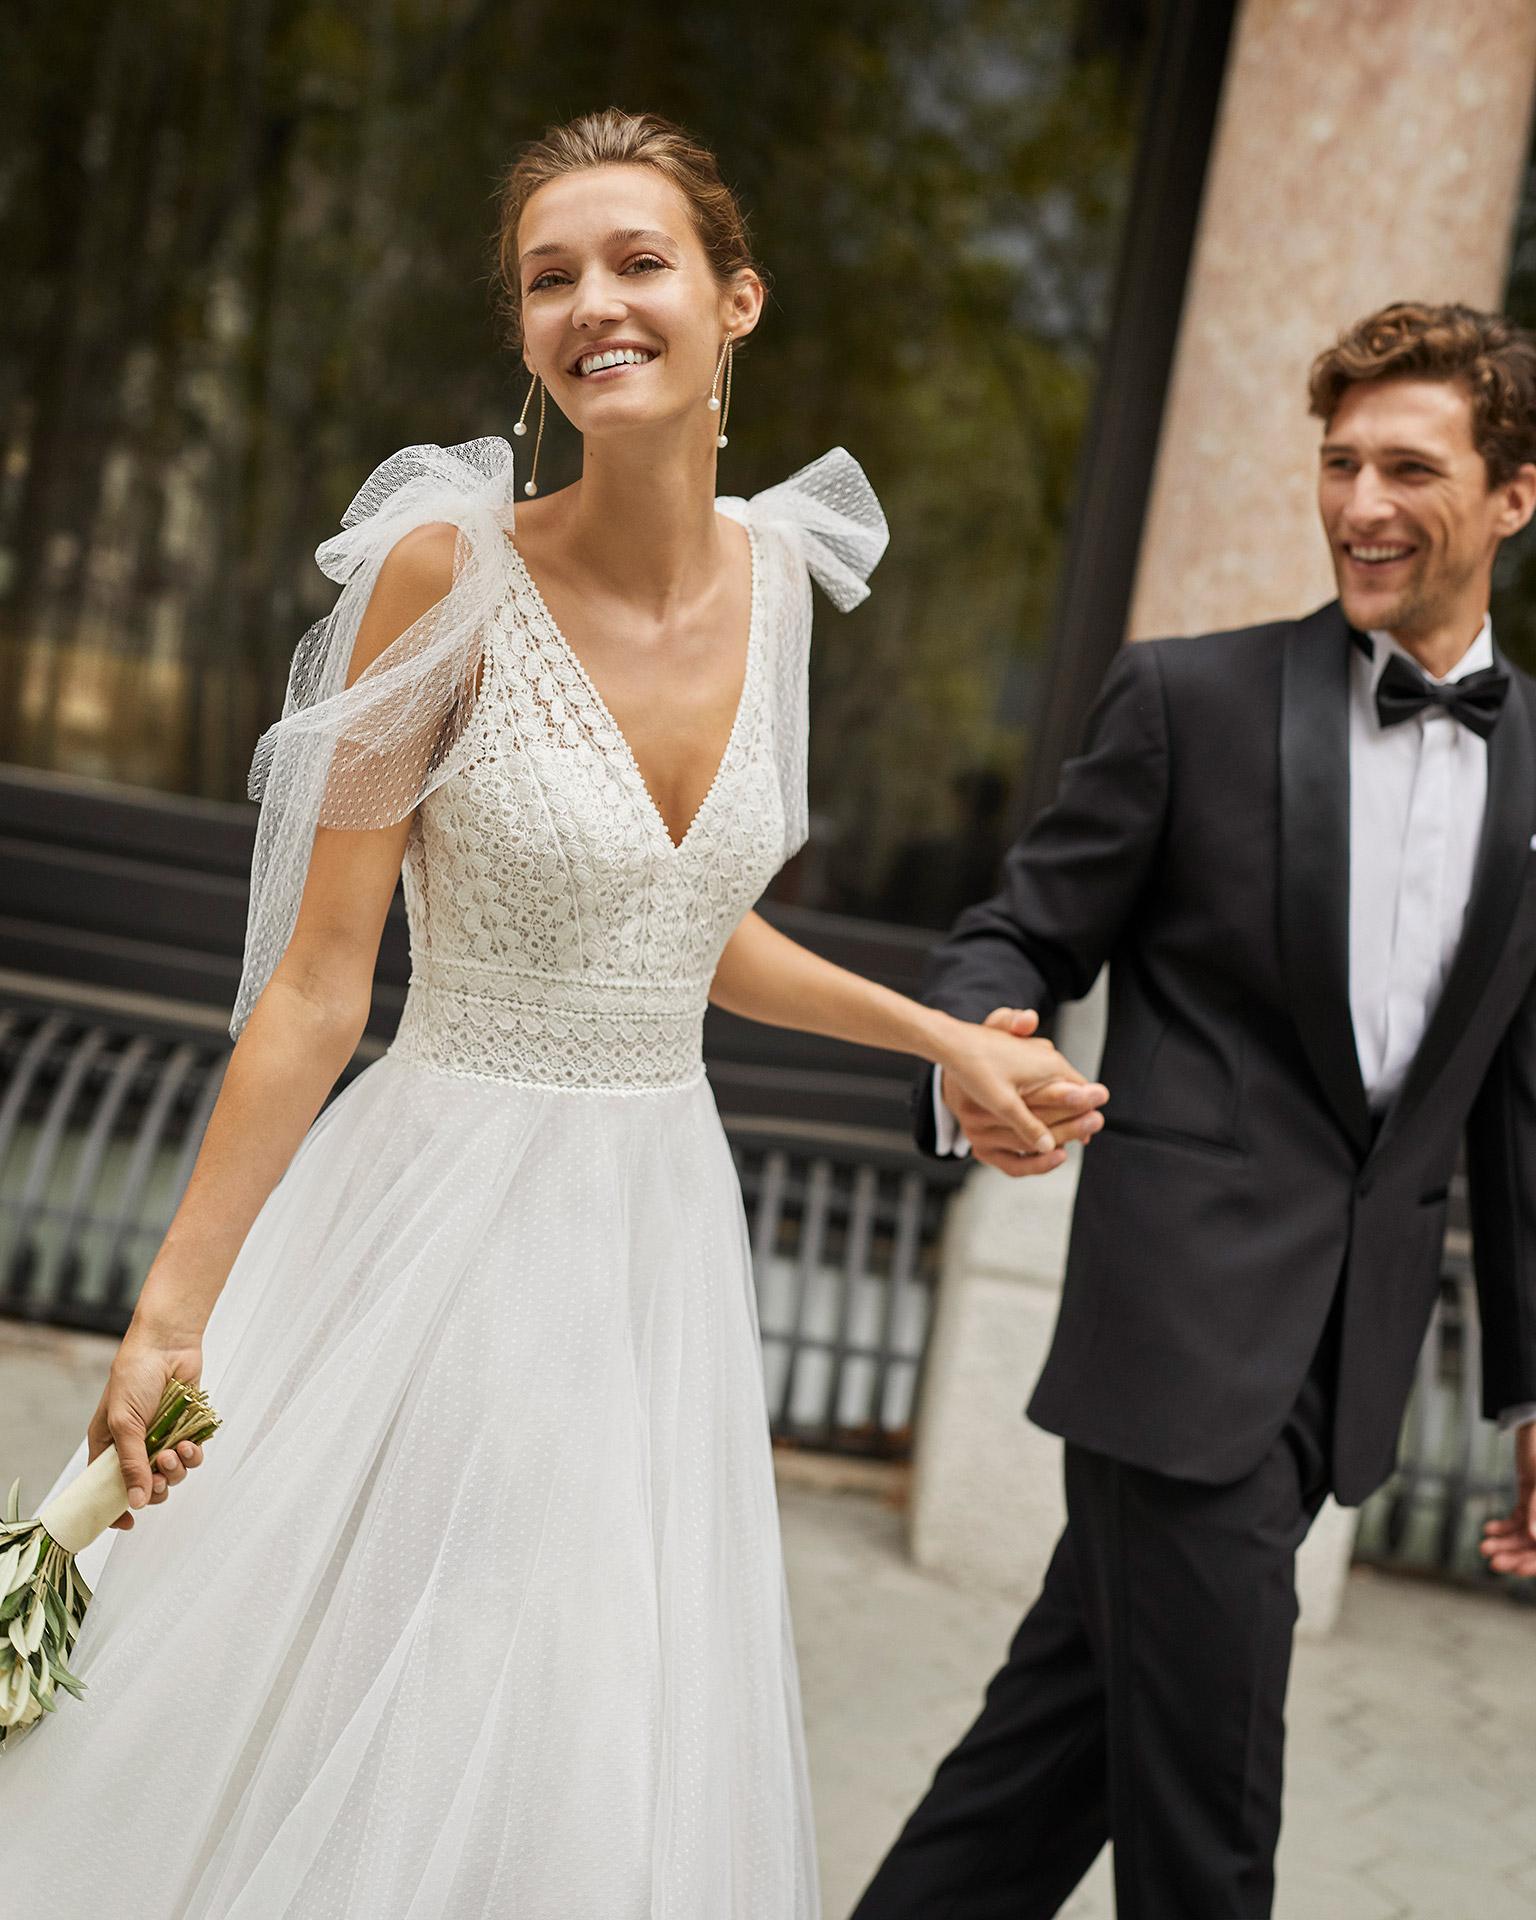 Vestido de novia de estilo romántico, tul plumetti, encaje y pedrería en escotes, sisas y cintura. Escote en V, espalda escotada y lazos en hombros de tul plumetti. Colección  2022.